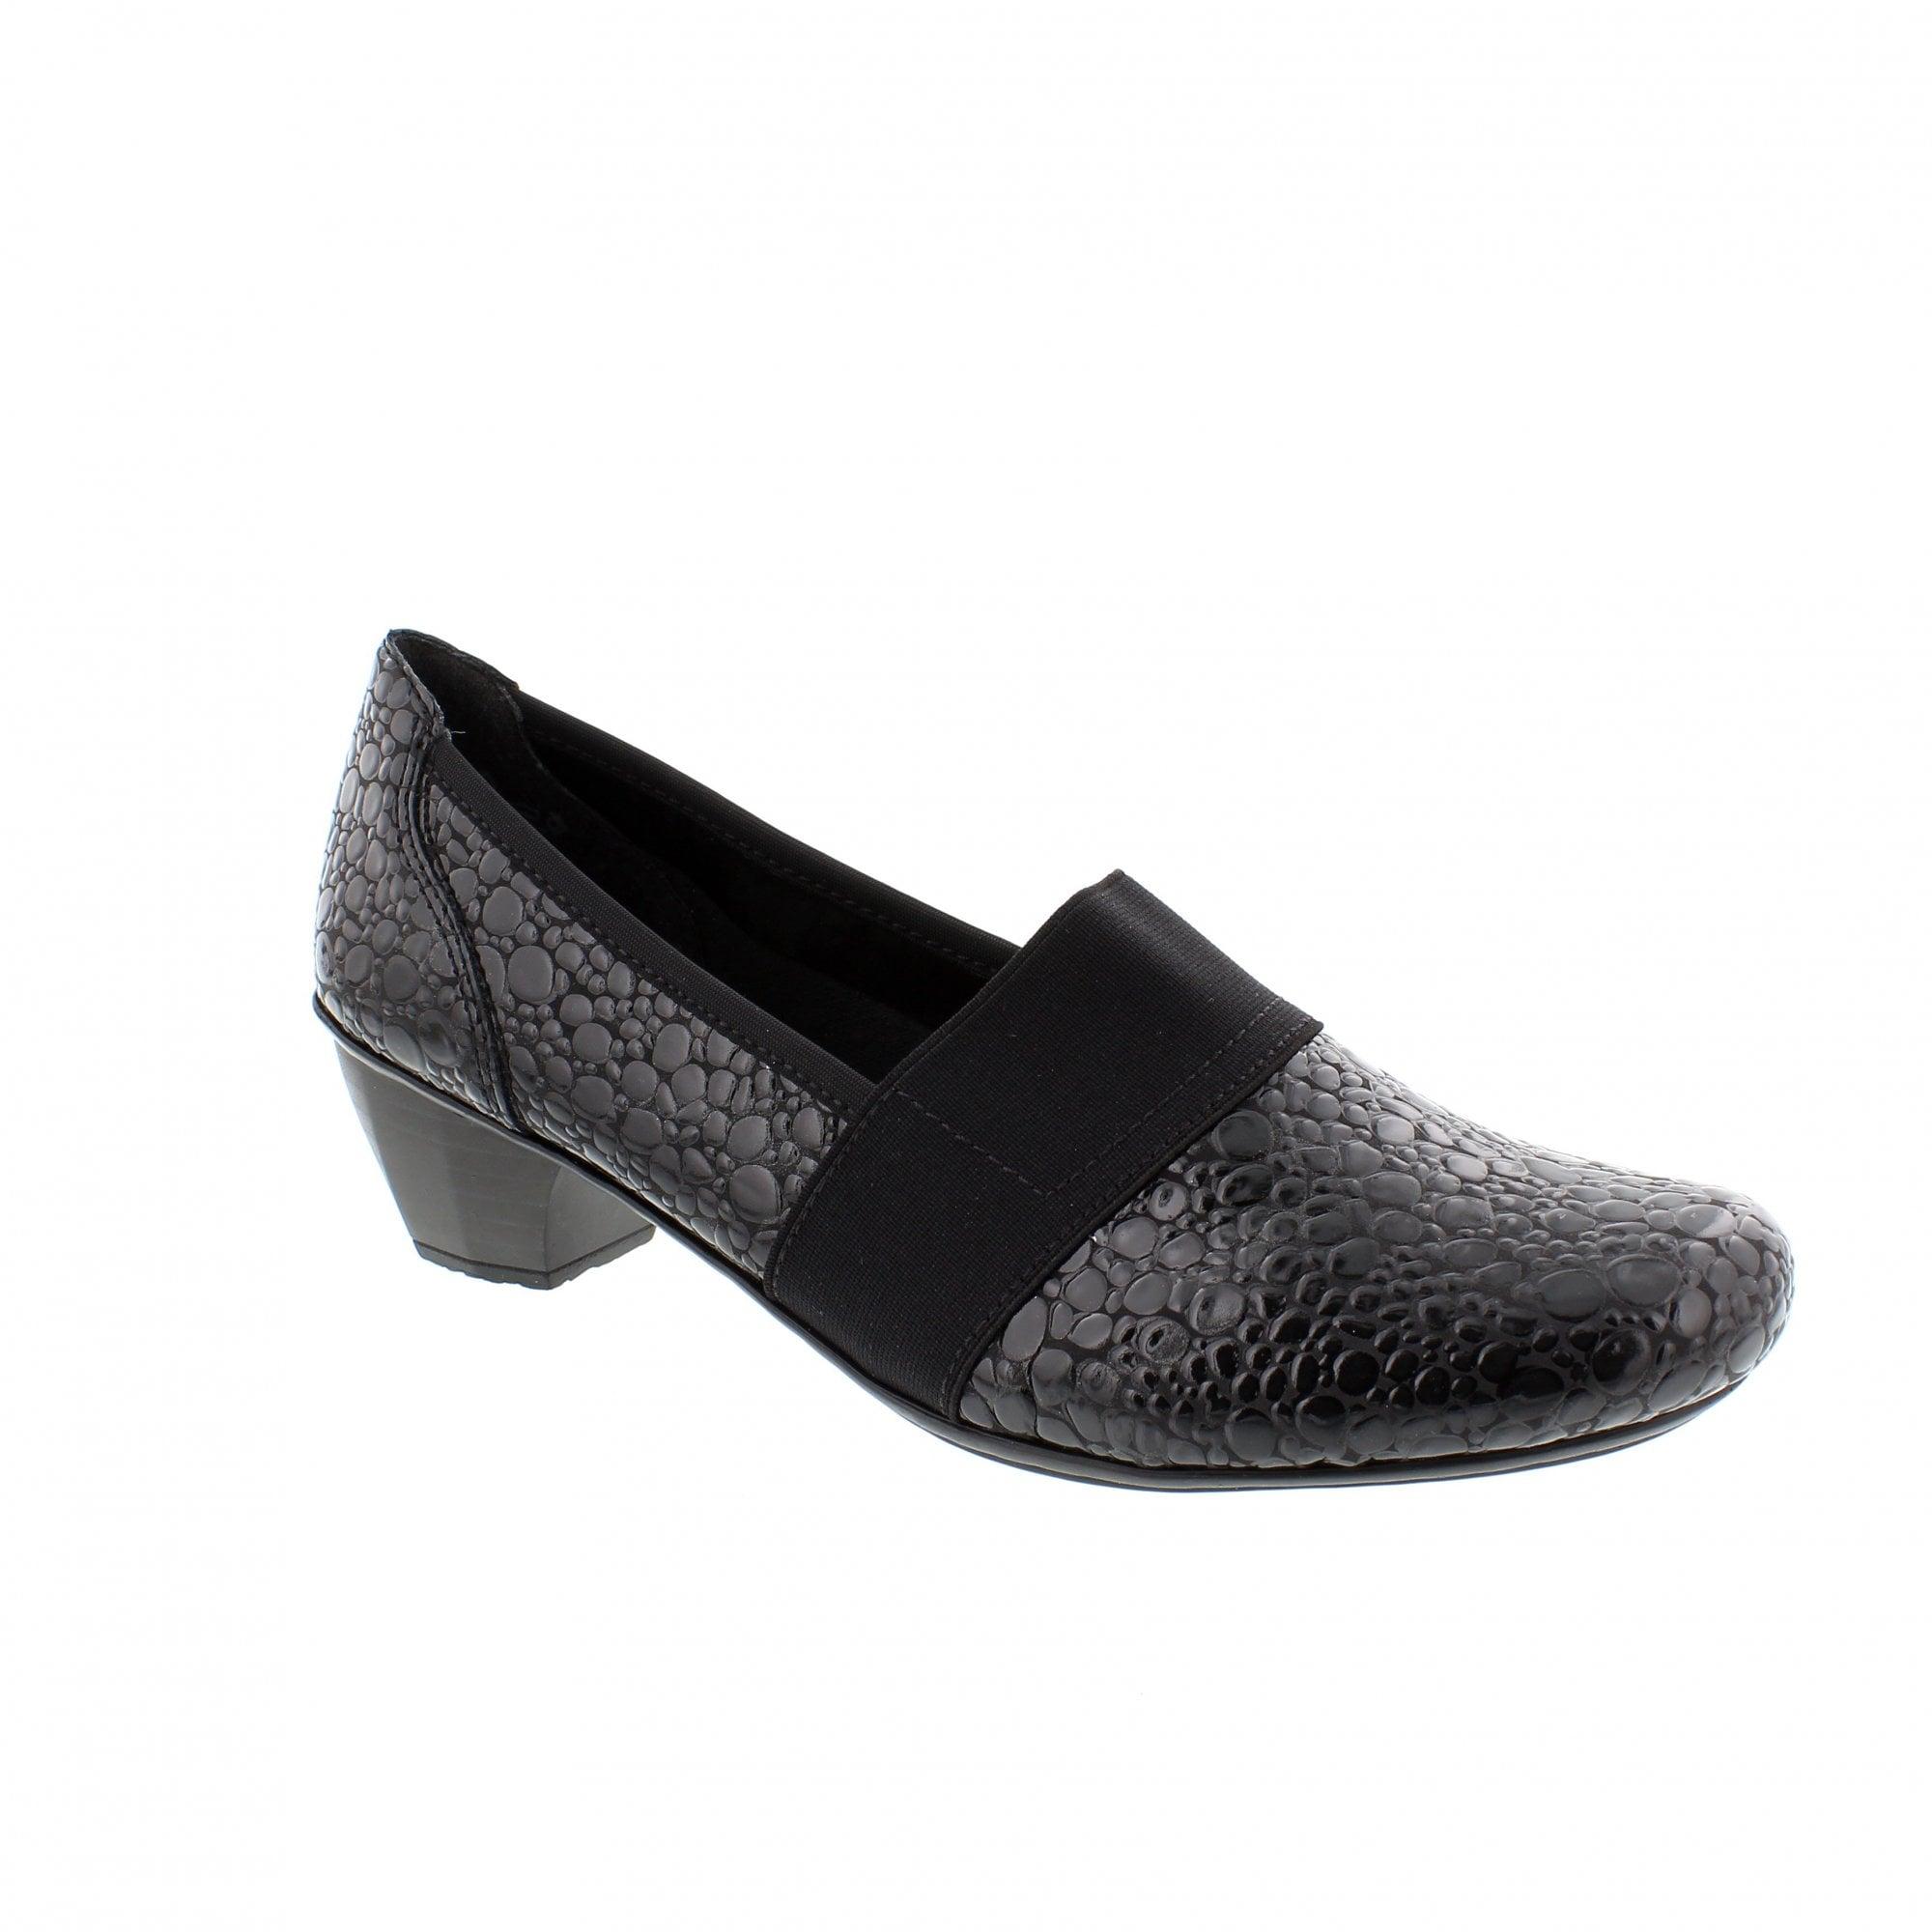 cc60ddb9f052 Rieker 41786-45 Black Patent Croc Womens Slip On Shoes